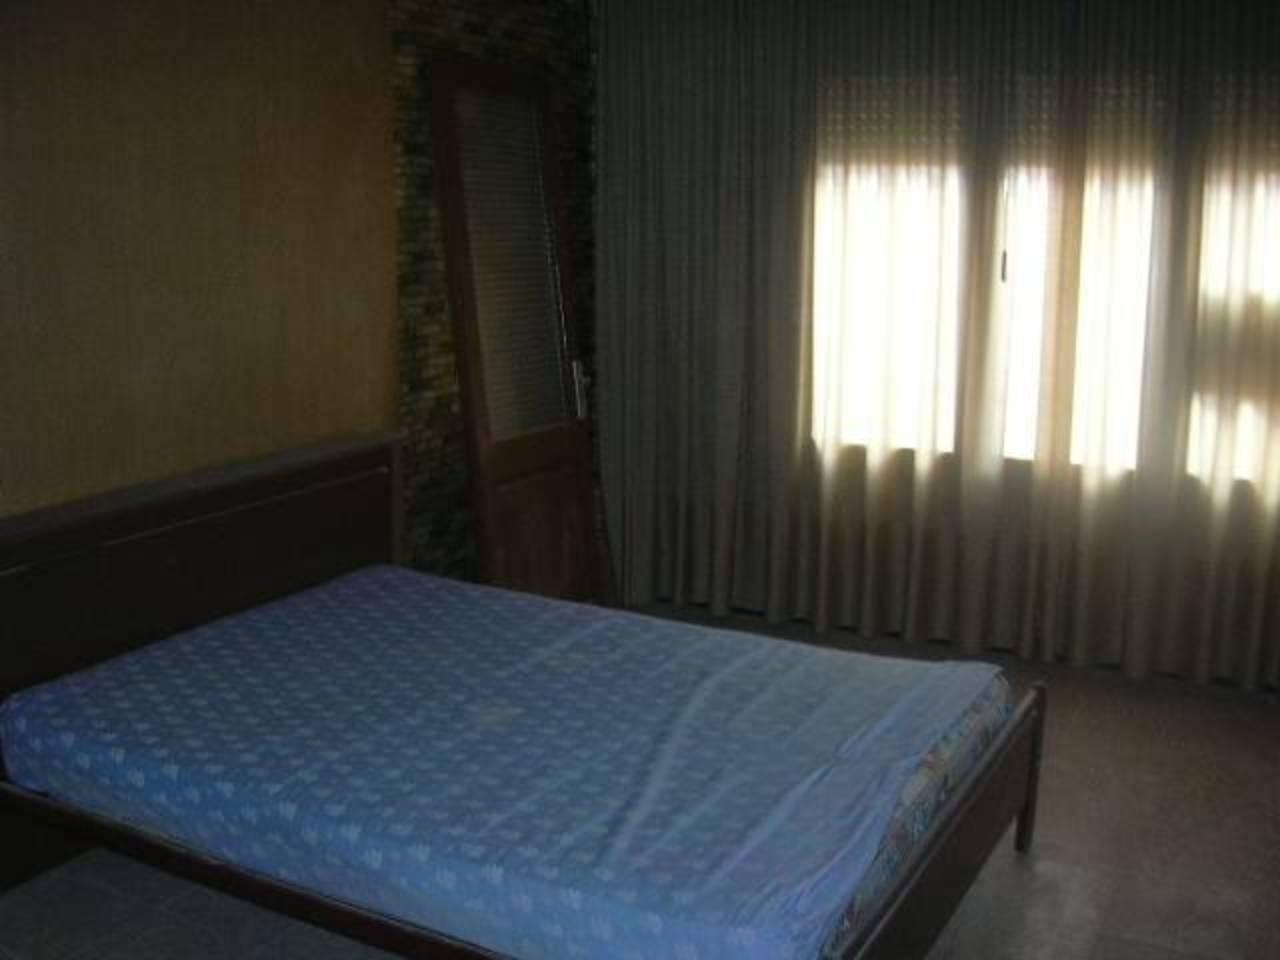 Casa  Calle canals. Superf. 120 m², 30 m² solar,  2 habitaciones dobles,  1 baño com